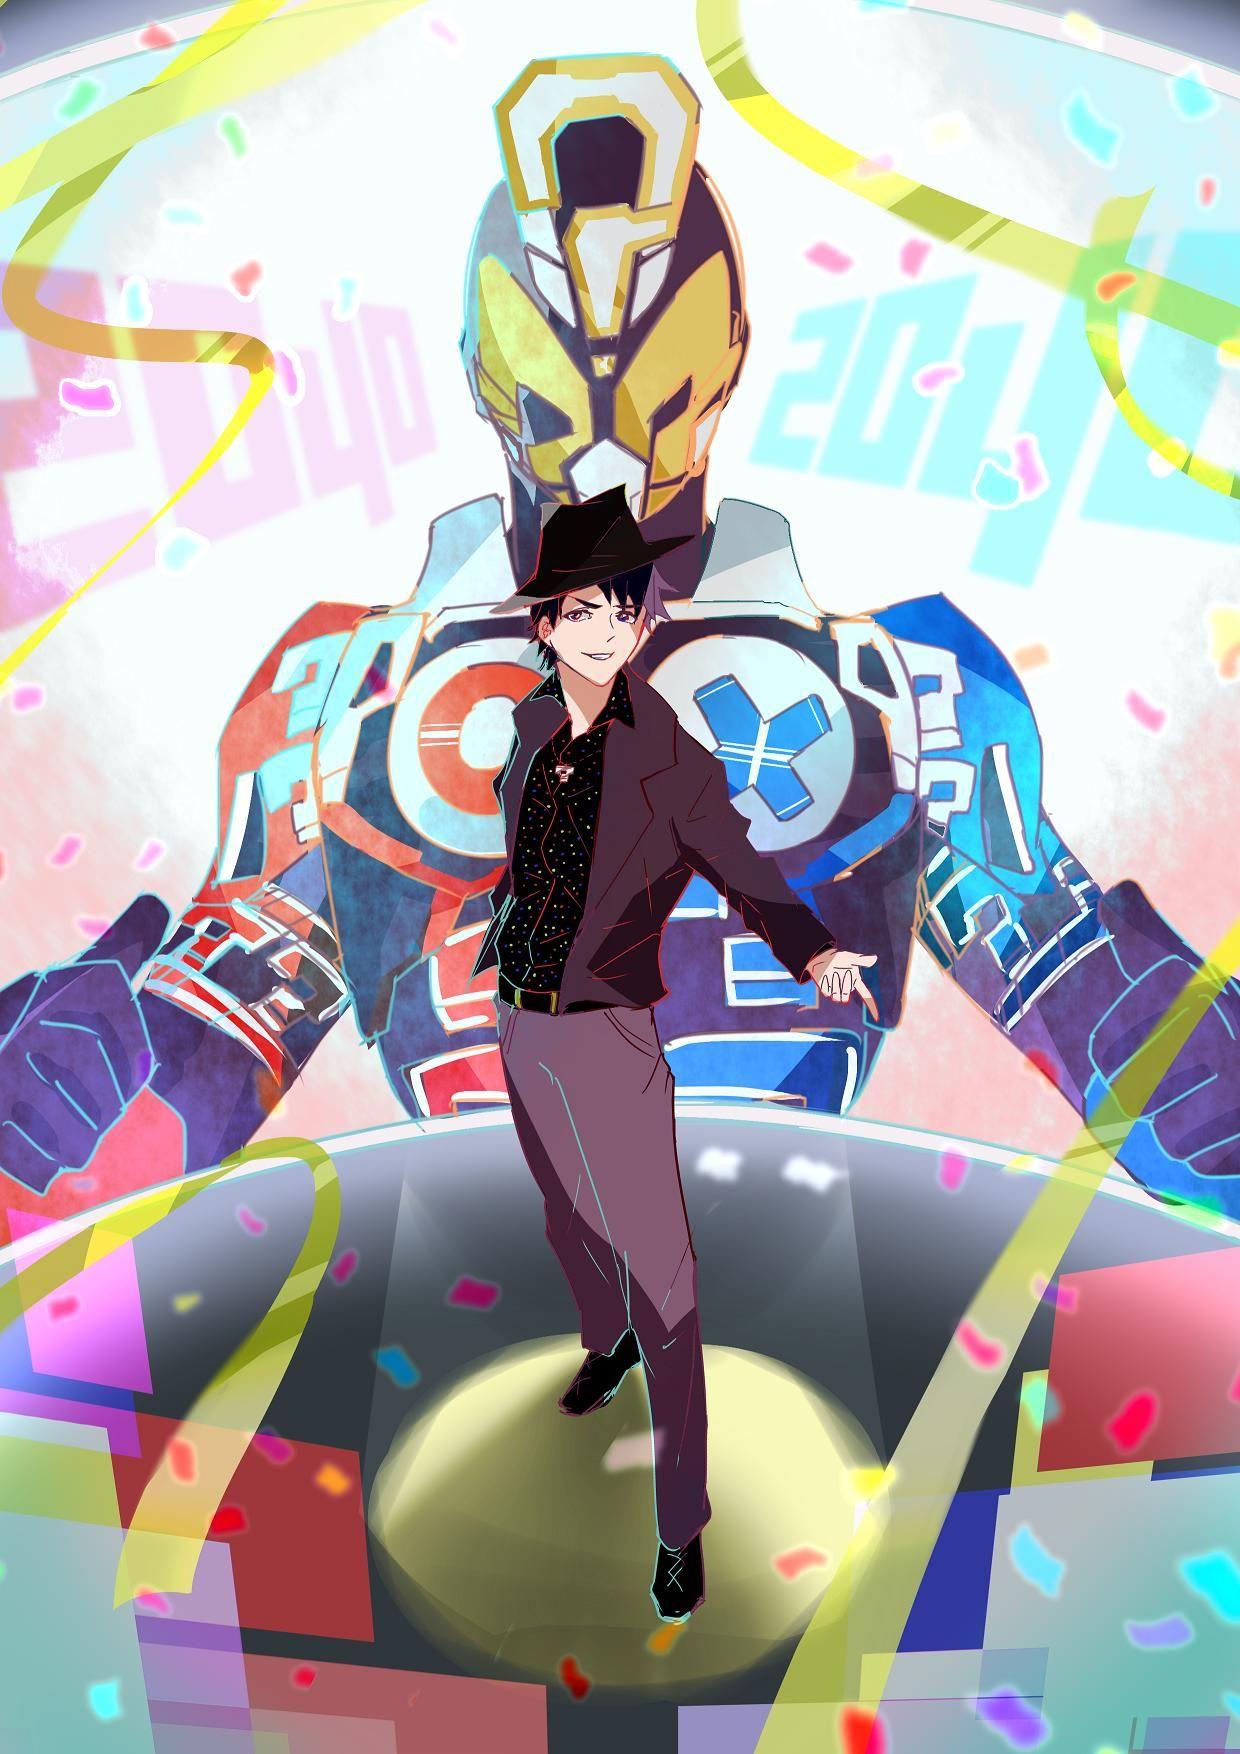 รูปภาพ Kamen rider series, Kamen rider kabuto, Kamen rider